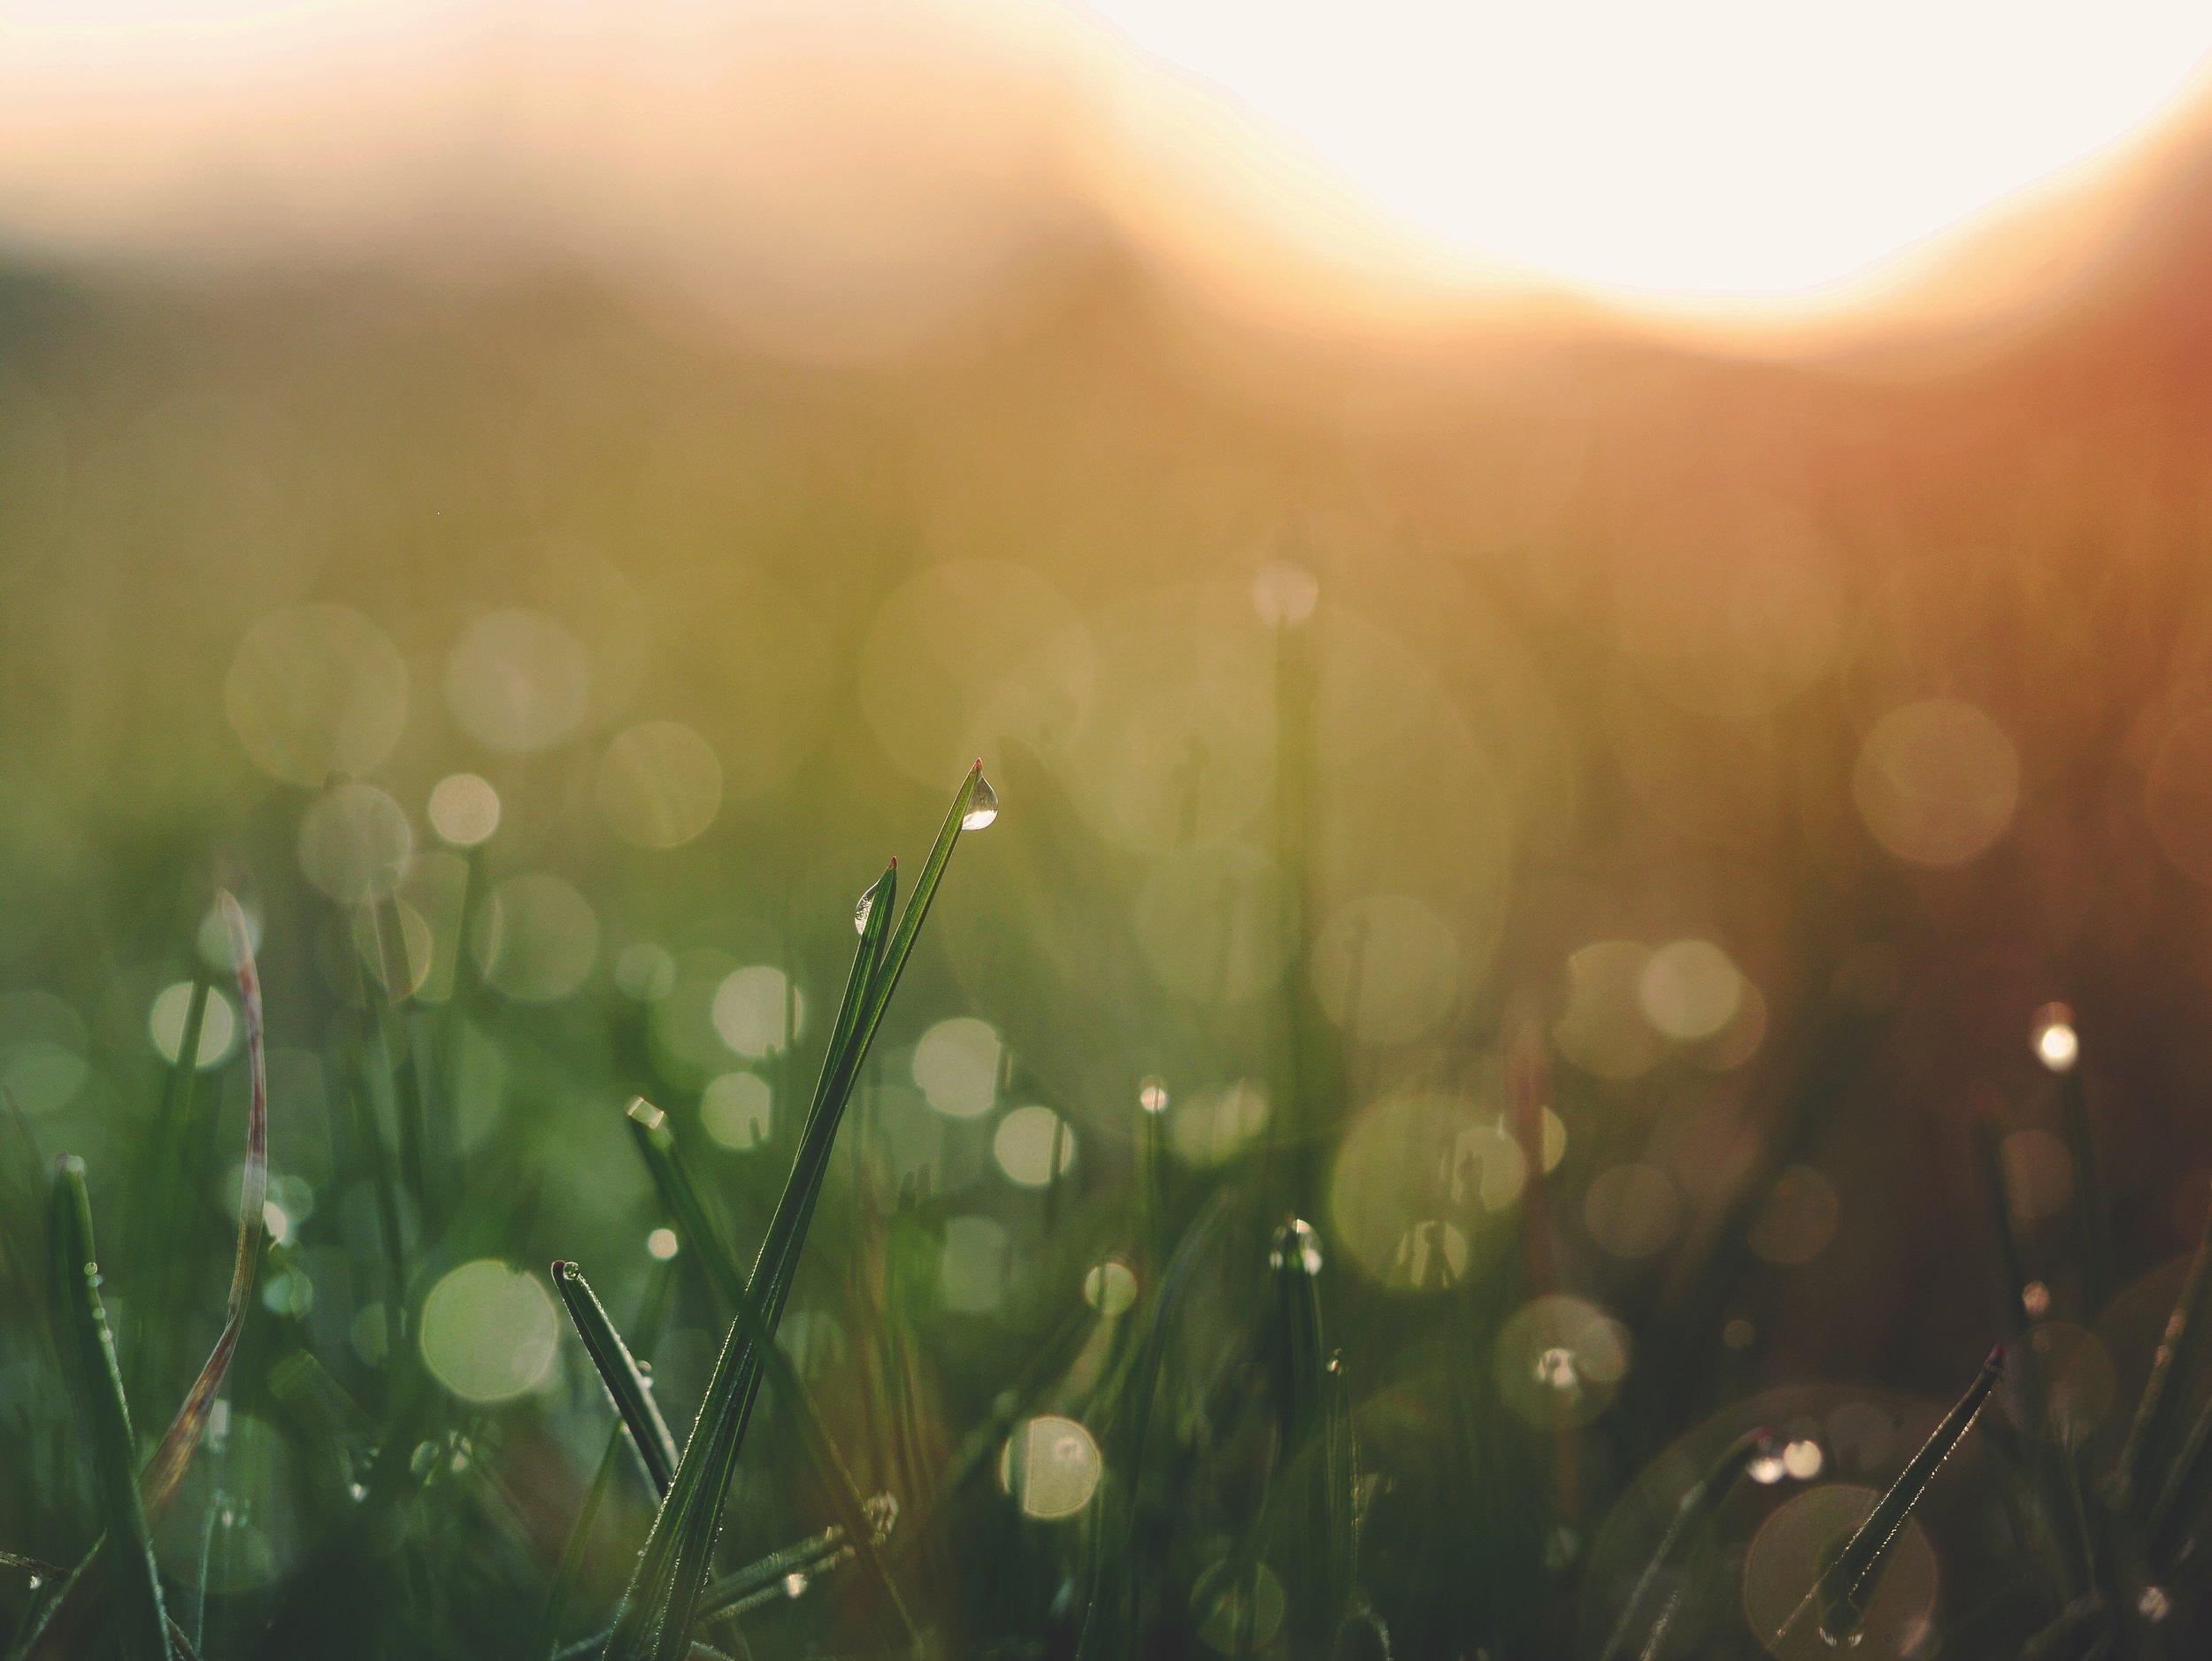 grass-bokeh.jpg